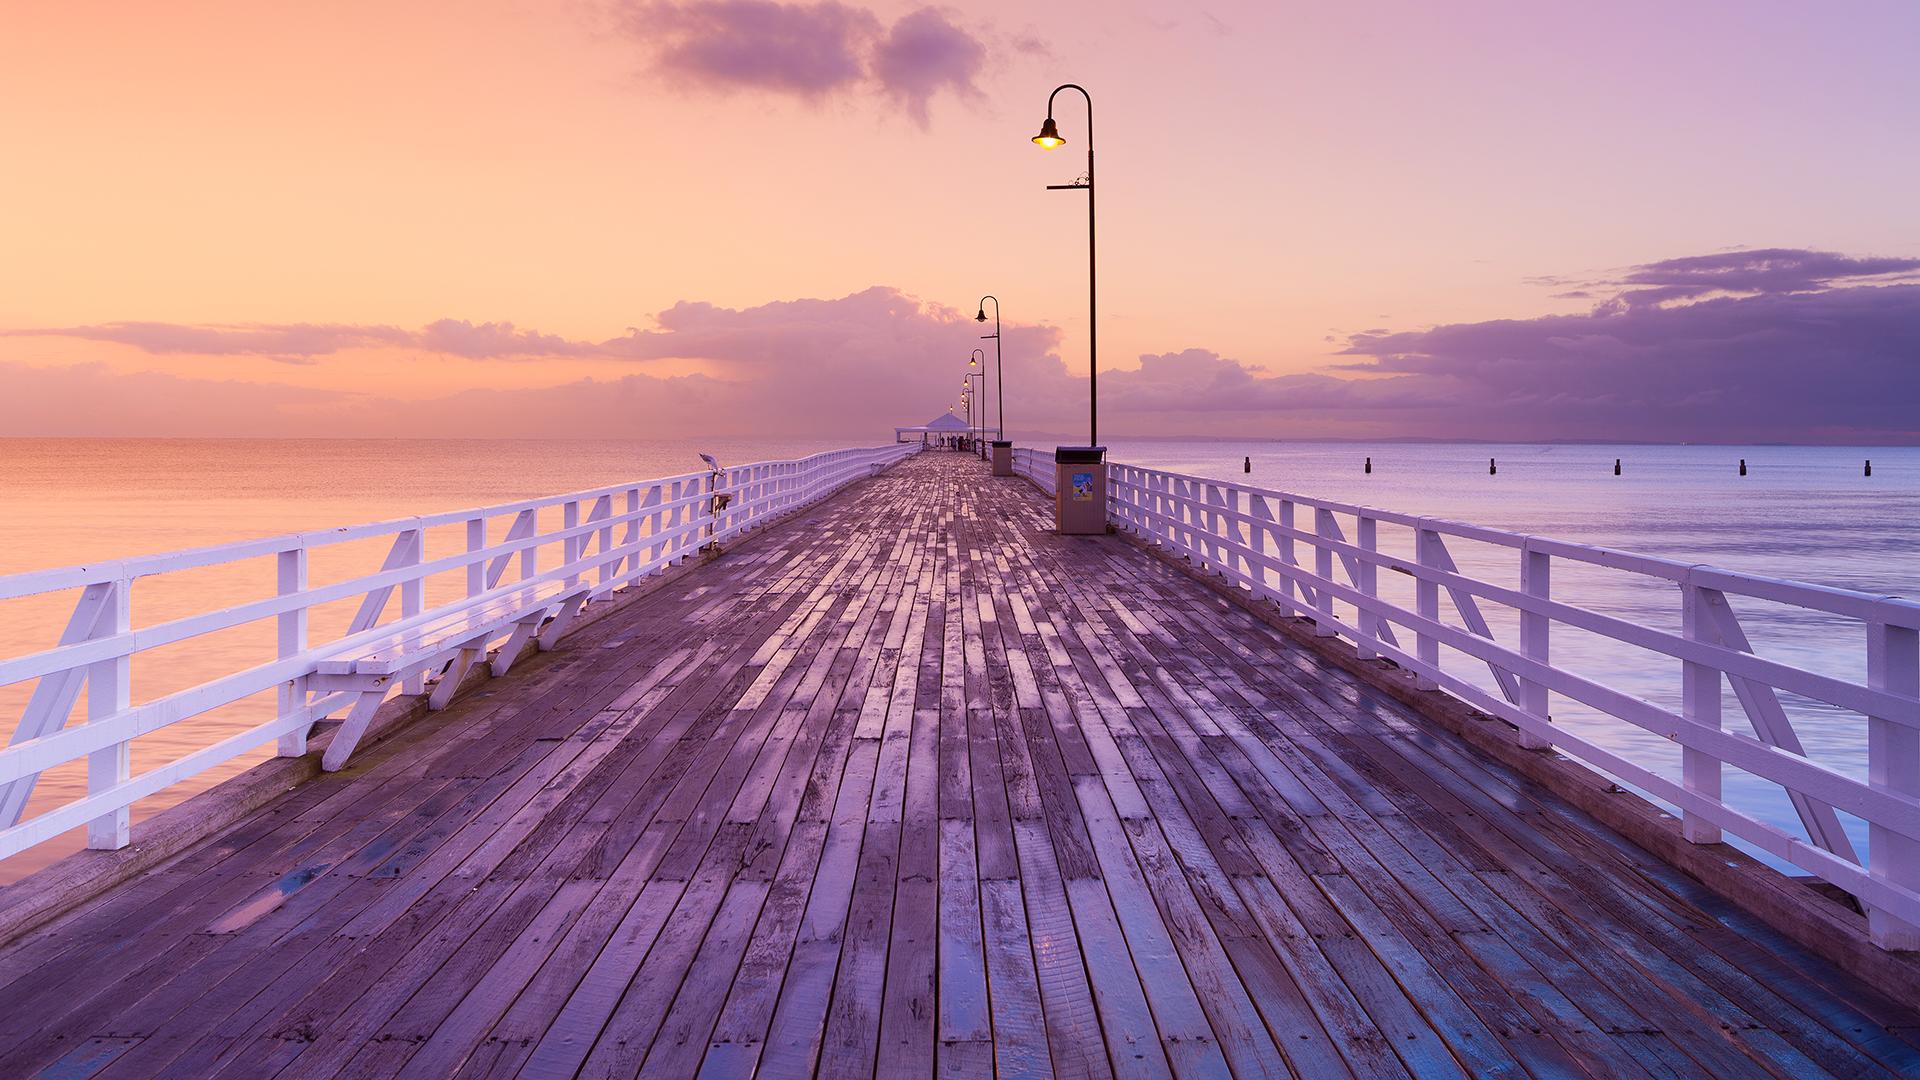 Views: 1197 Boardwalks 4542